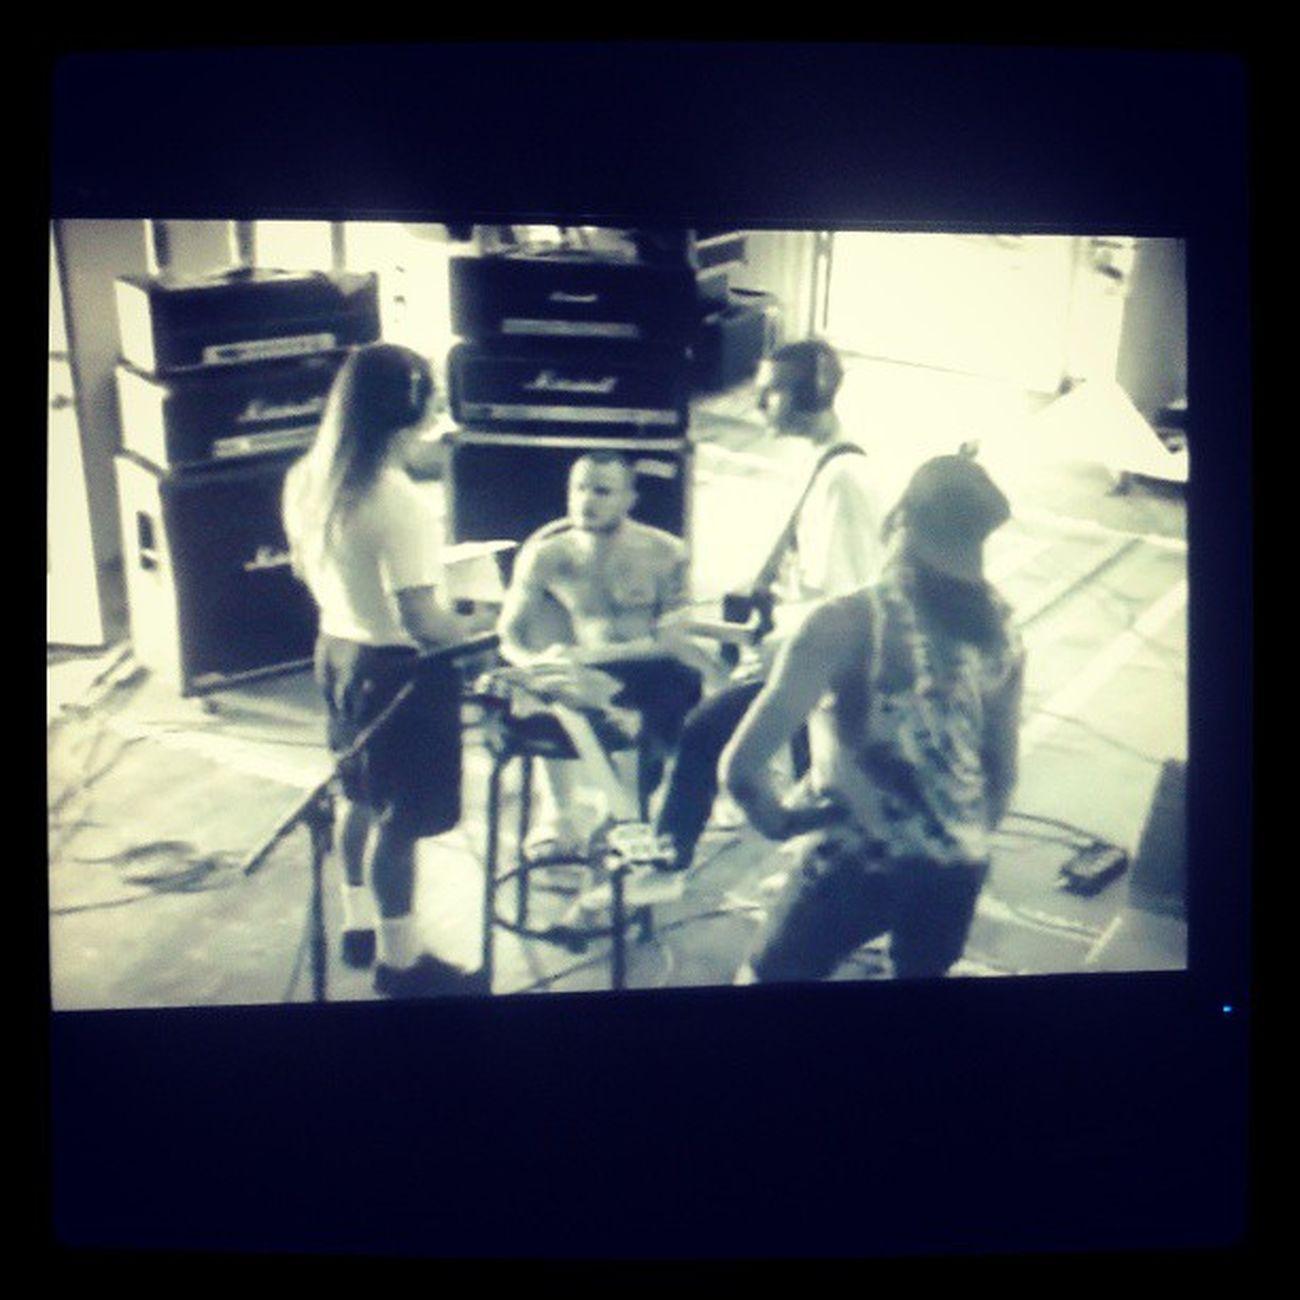 La MEJOR banda del mundo. Los amo, RHCP. Funkymonks Bloodsugarsexmagik